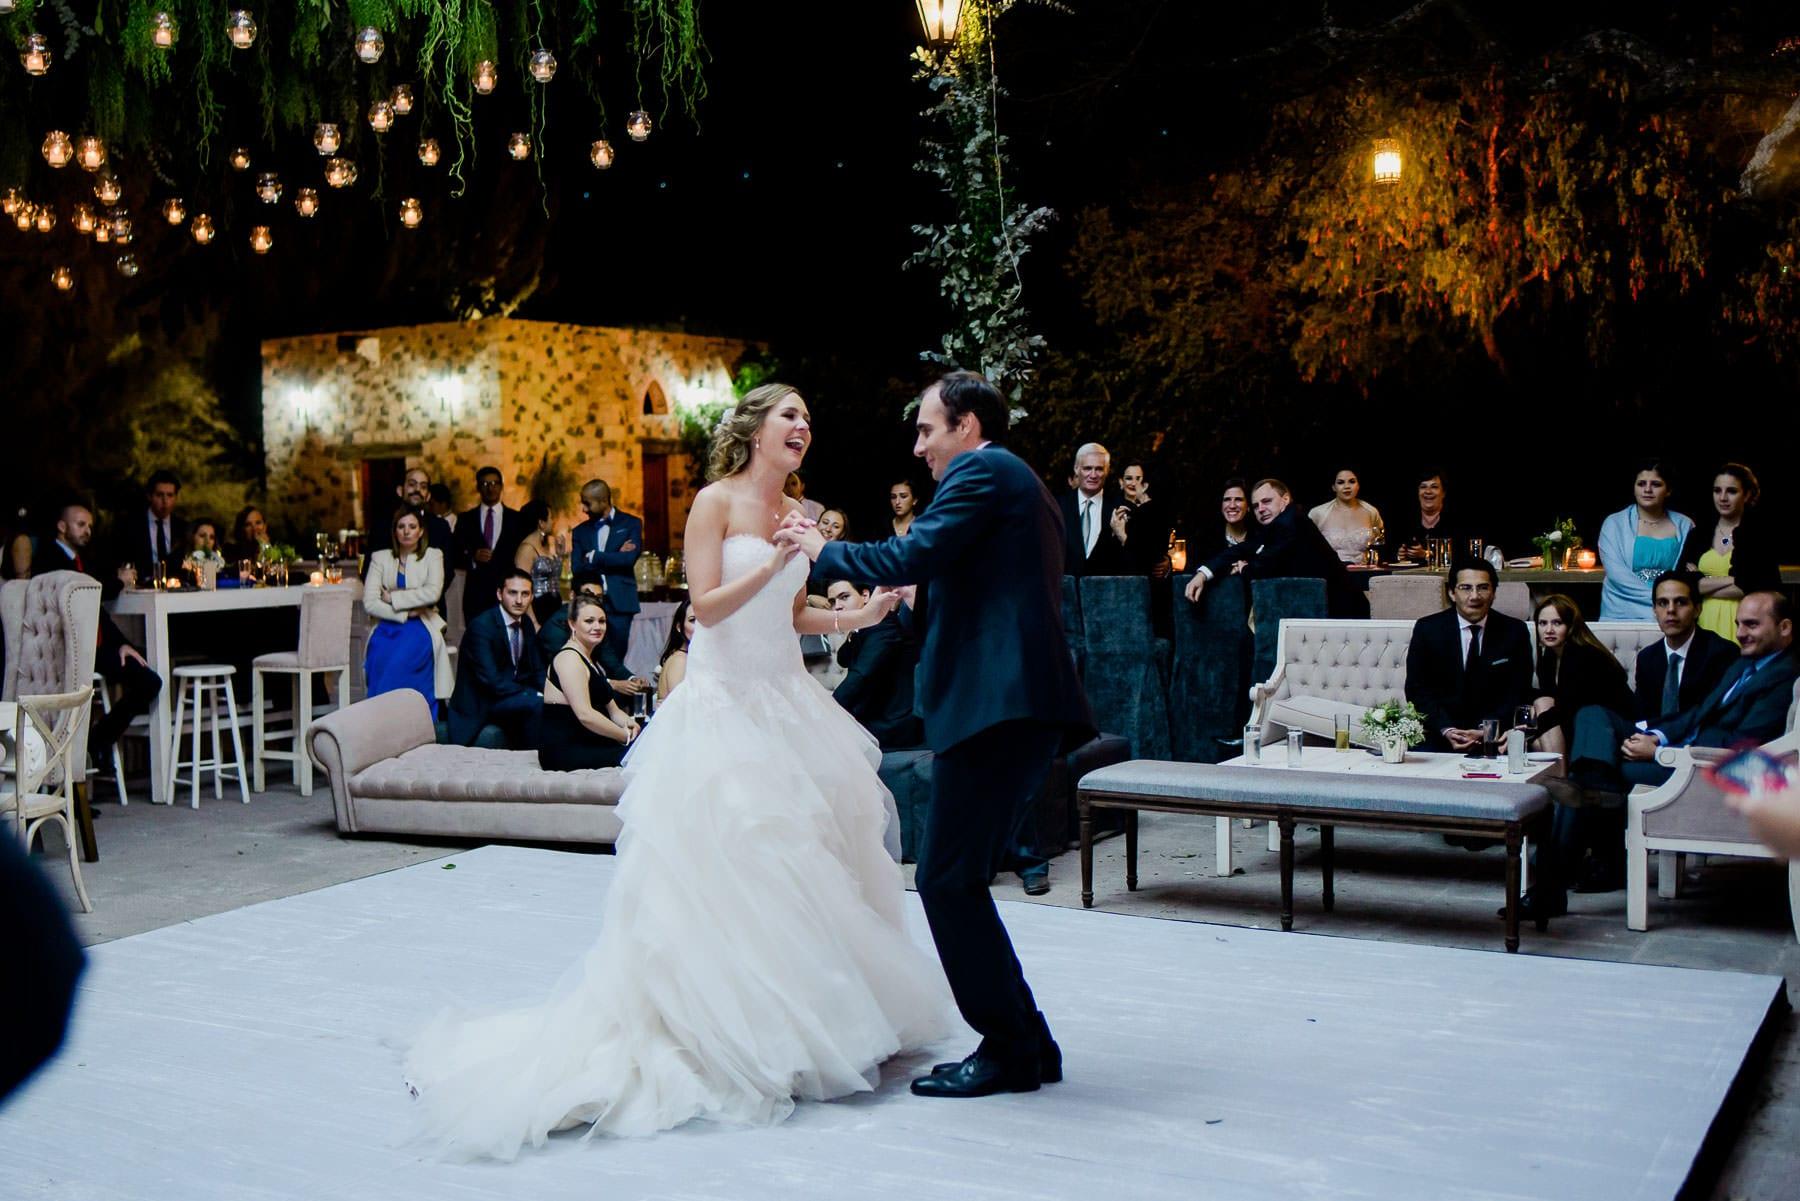 fotografo-de-bodas-en-queretaro-53